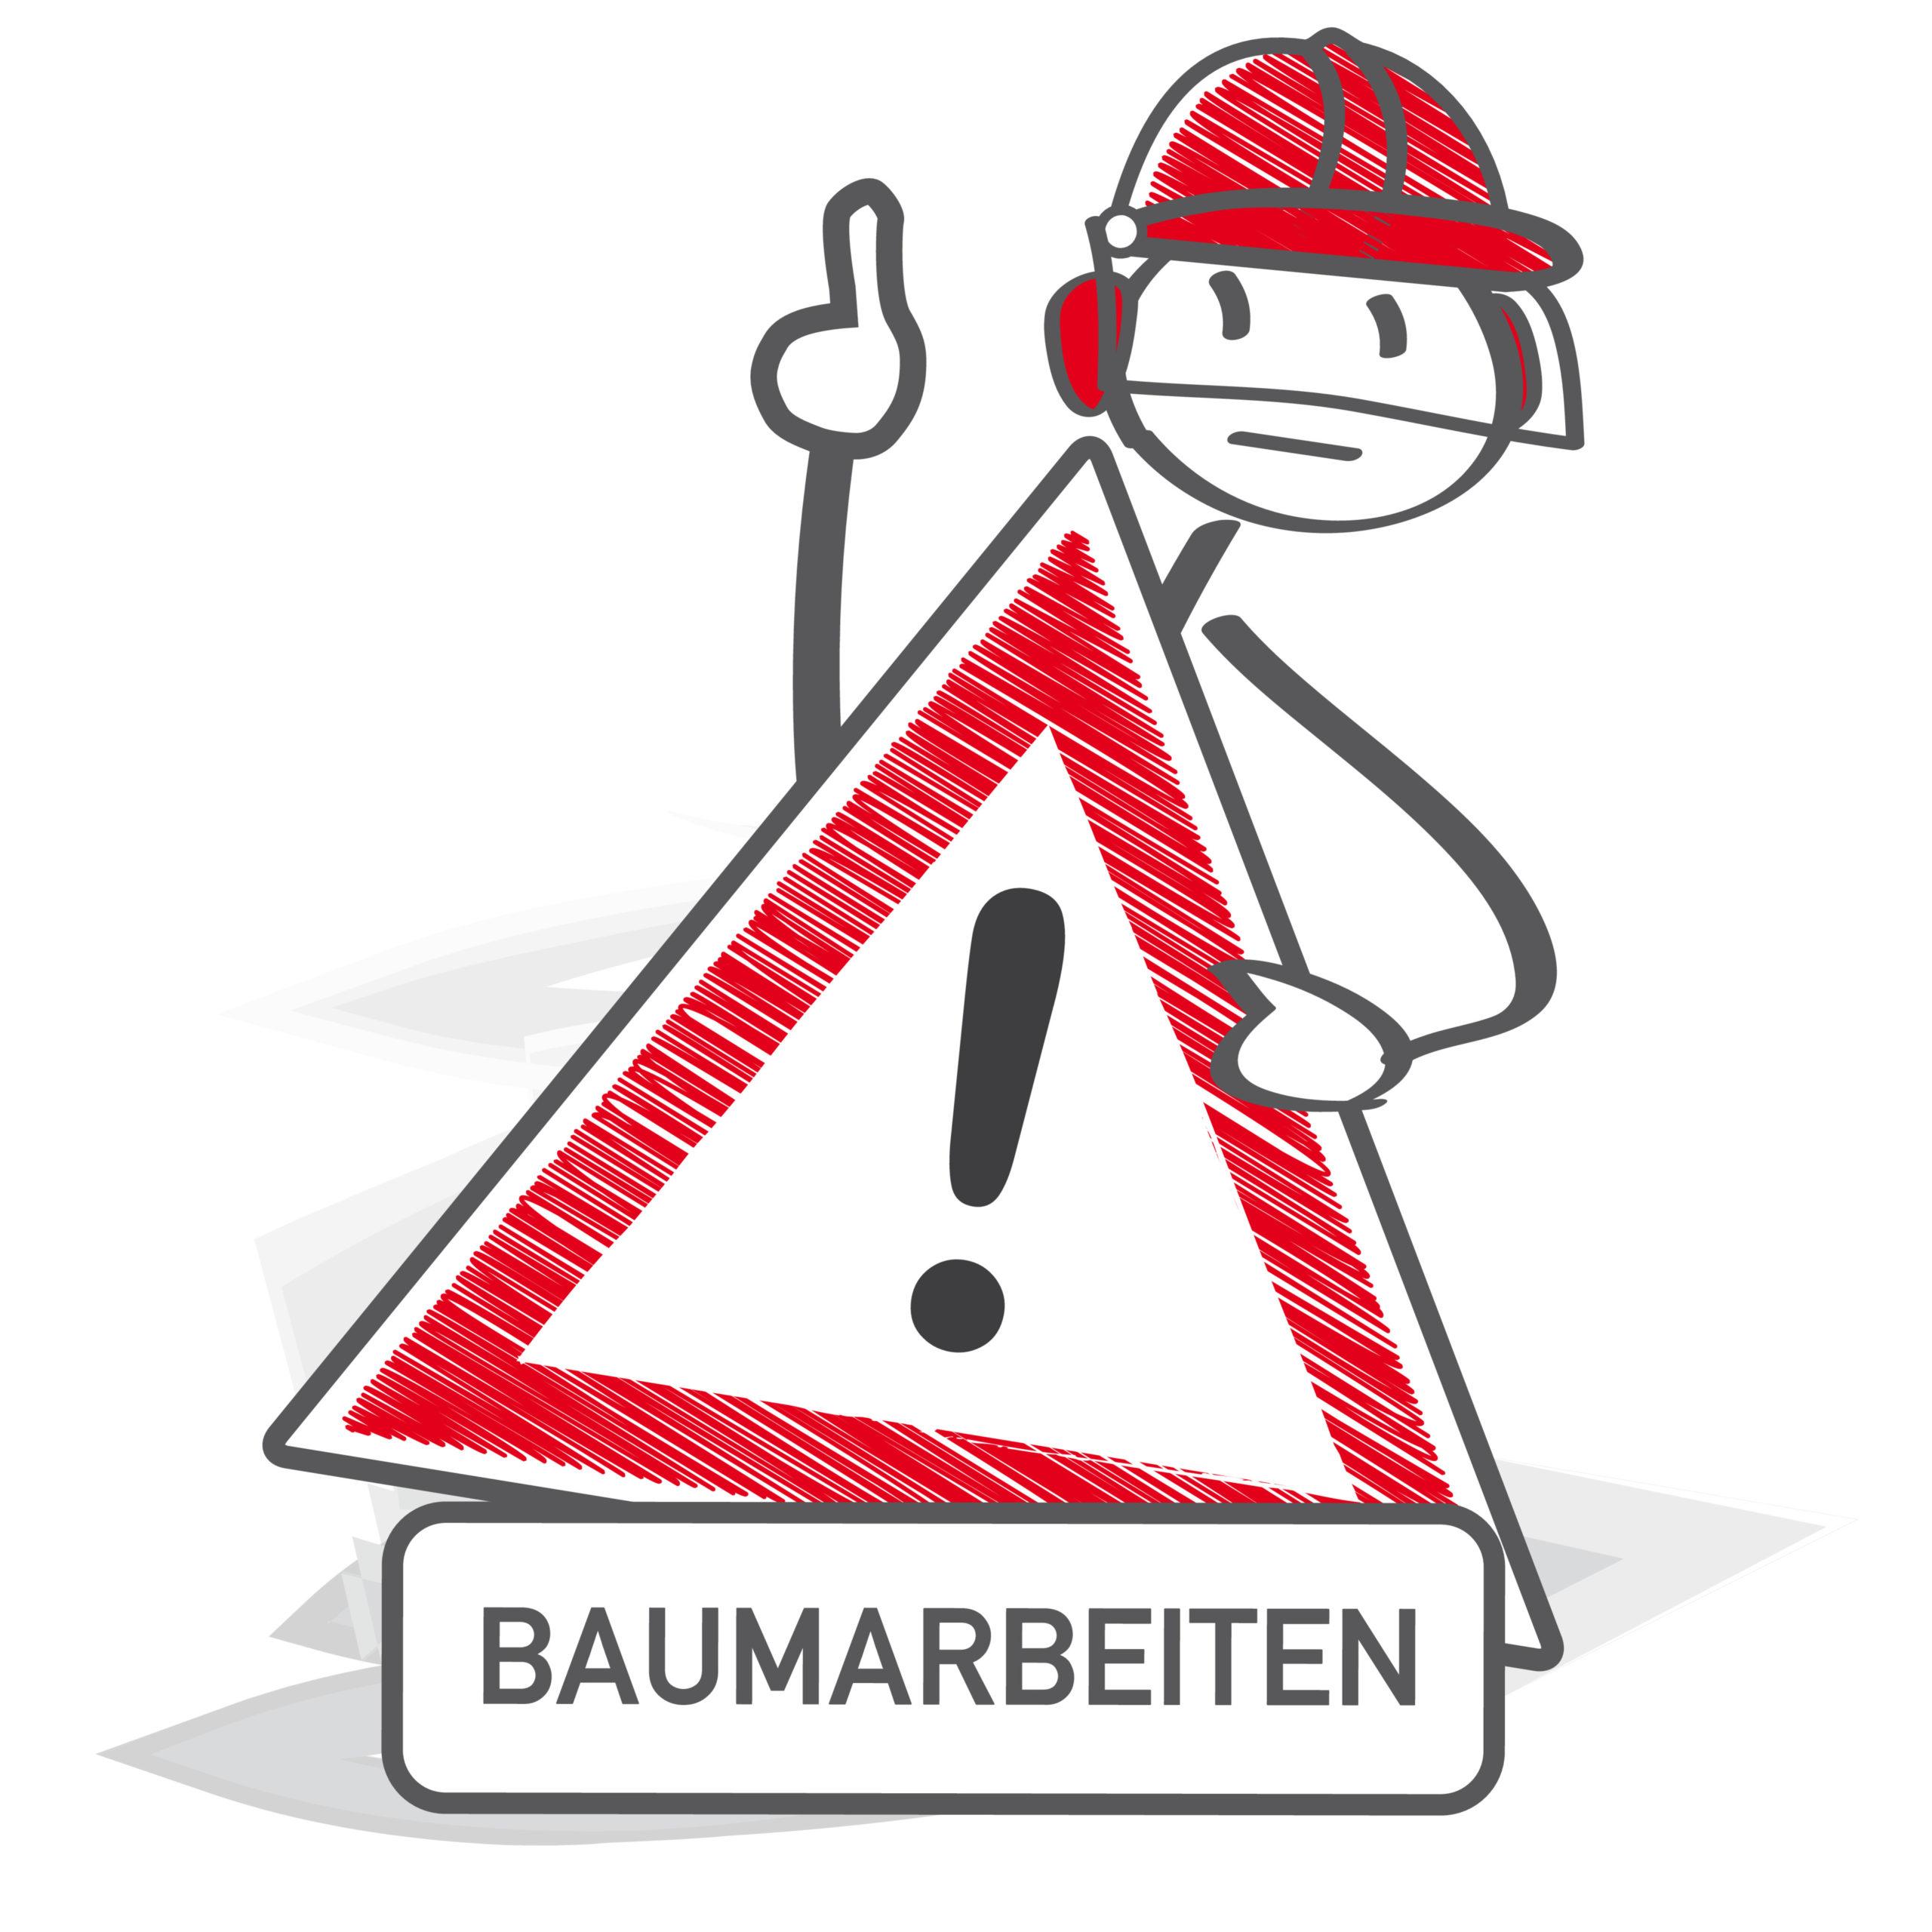 Achtung Baumarbeiten - Strichmännchen hält Warnschild